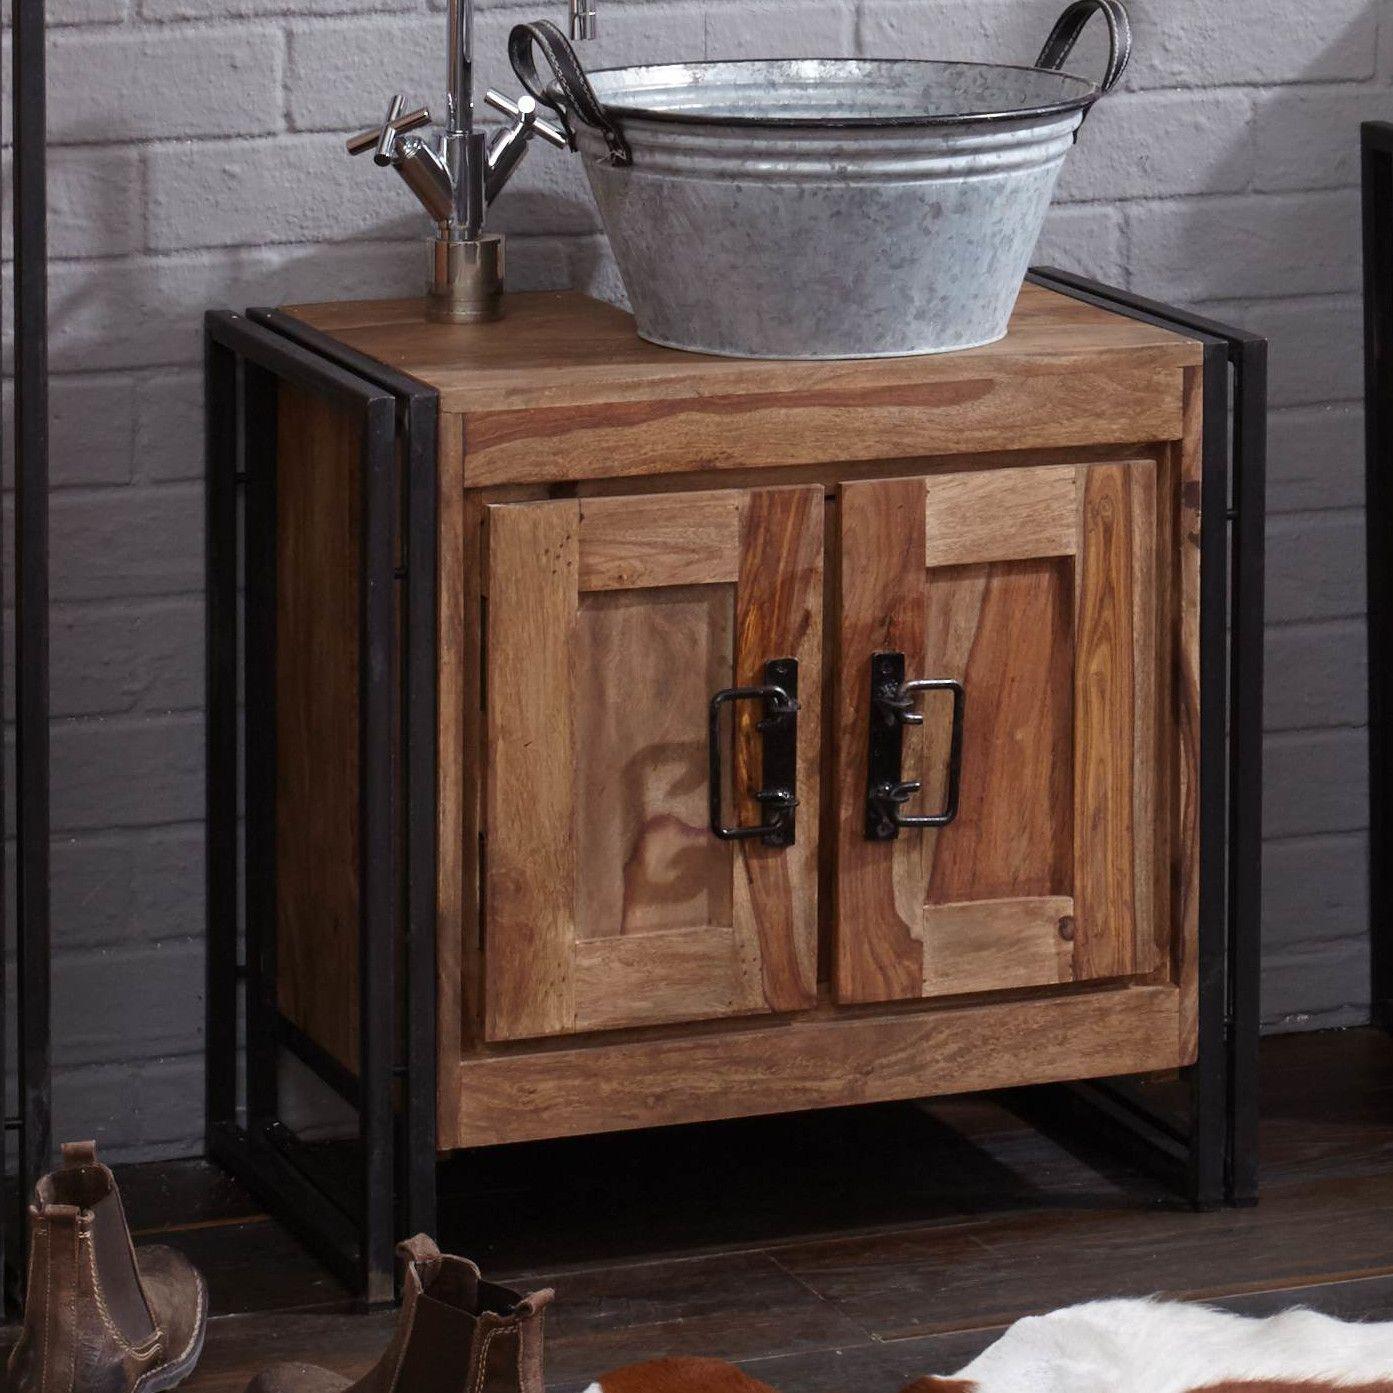 Parrish 67cm Free-Standing Under Sink Storage Unit